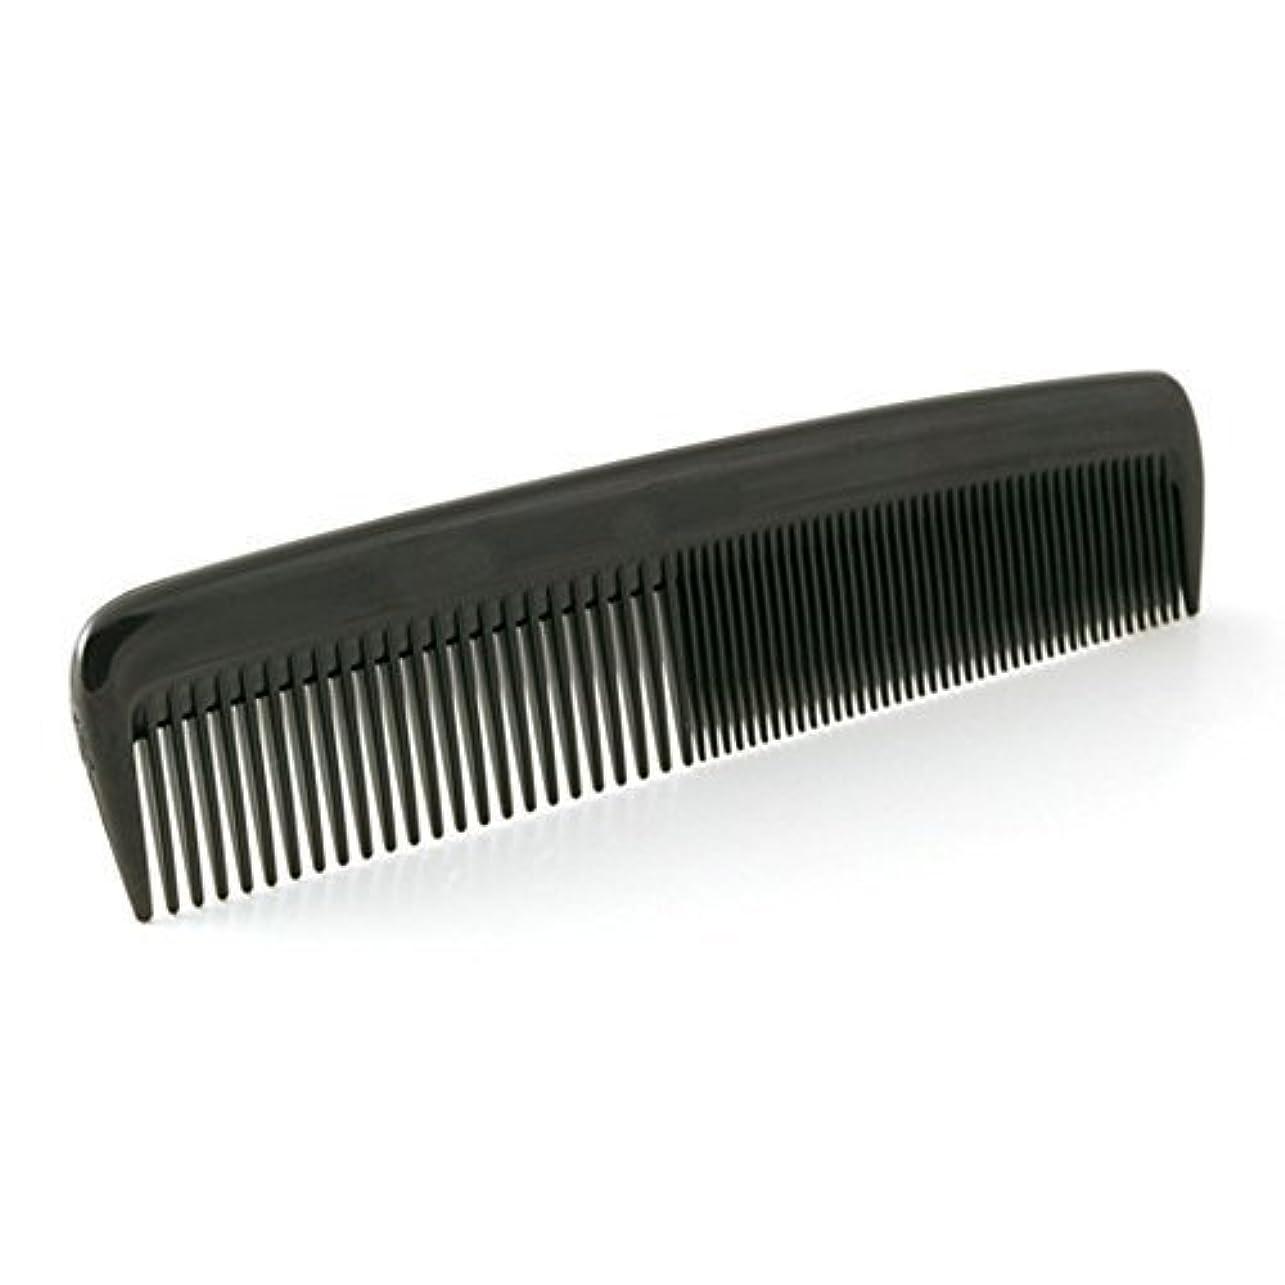 ビート頑丈光Ace Classic Pocket Hair Comb (Pack of 6) [並行輸入品]